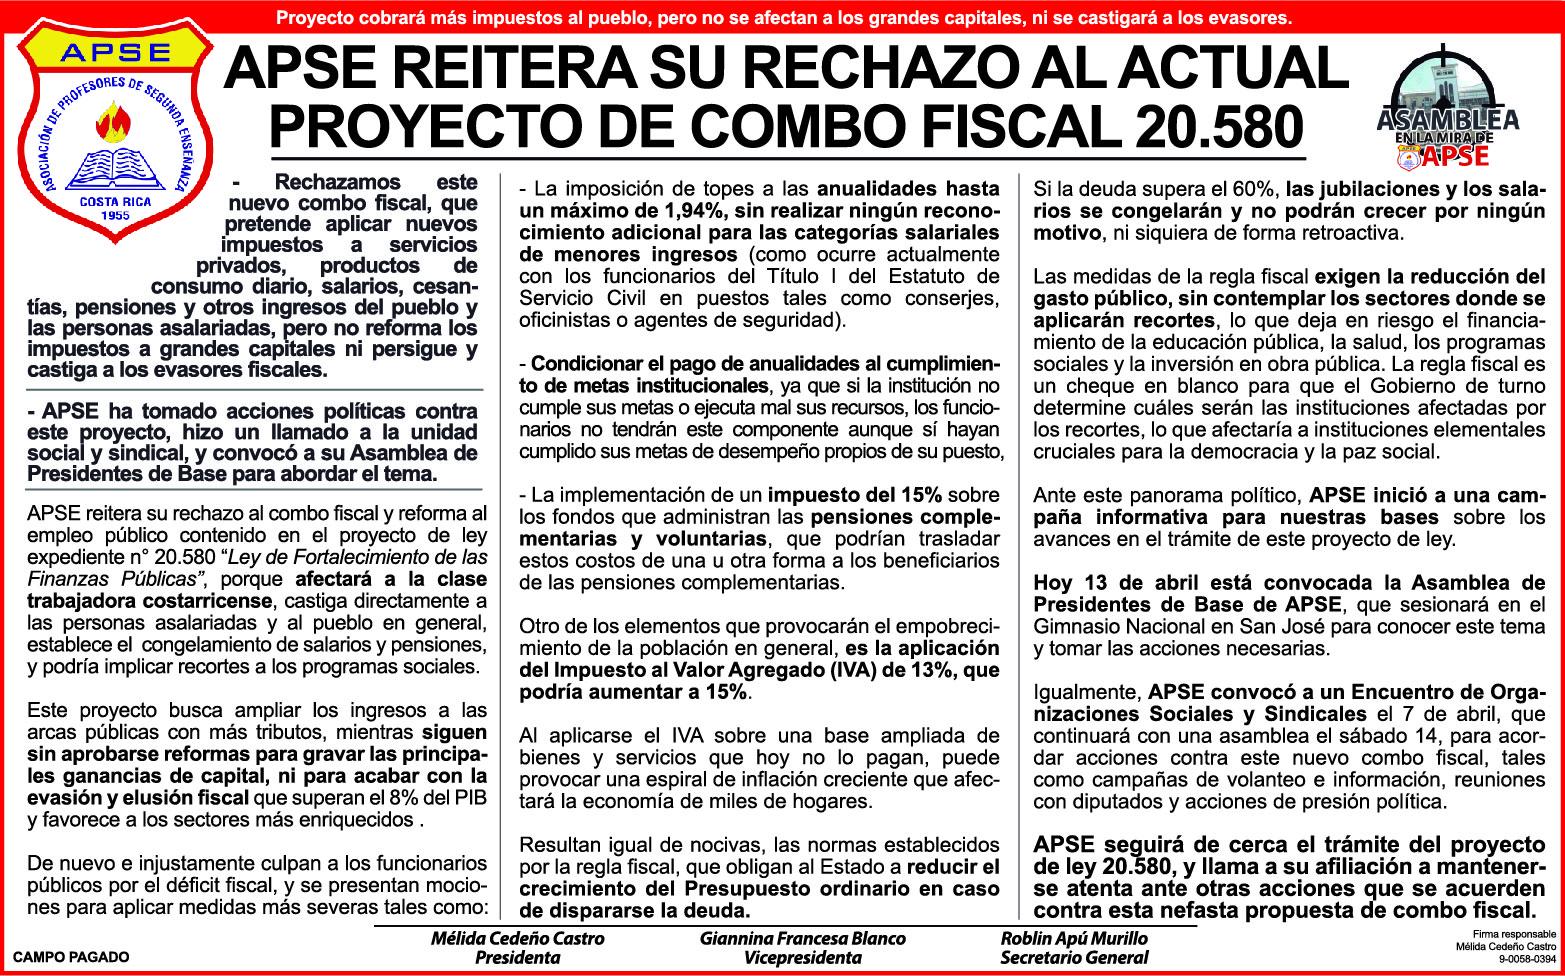 APSE REITERA SU RECHAZO AL ACTUAL PROYECTO DE COMBO FISCAL 20.580